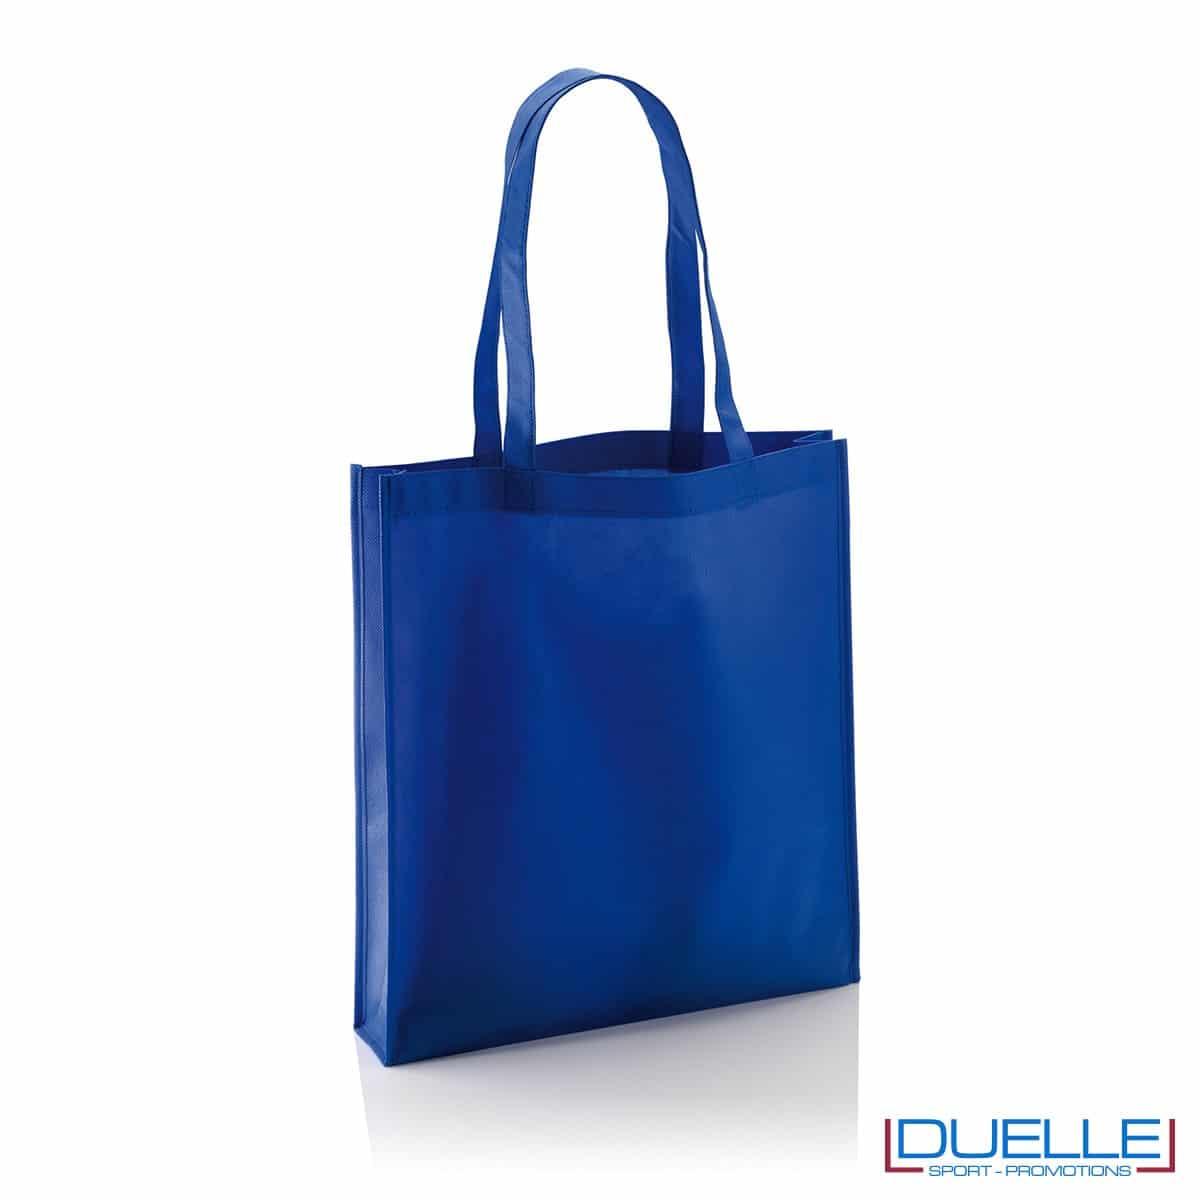 Shopper Personalizzata in TNT con soffietto colore blu navy